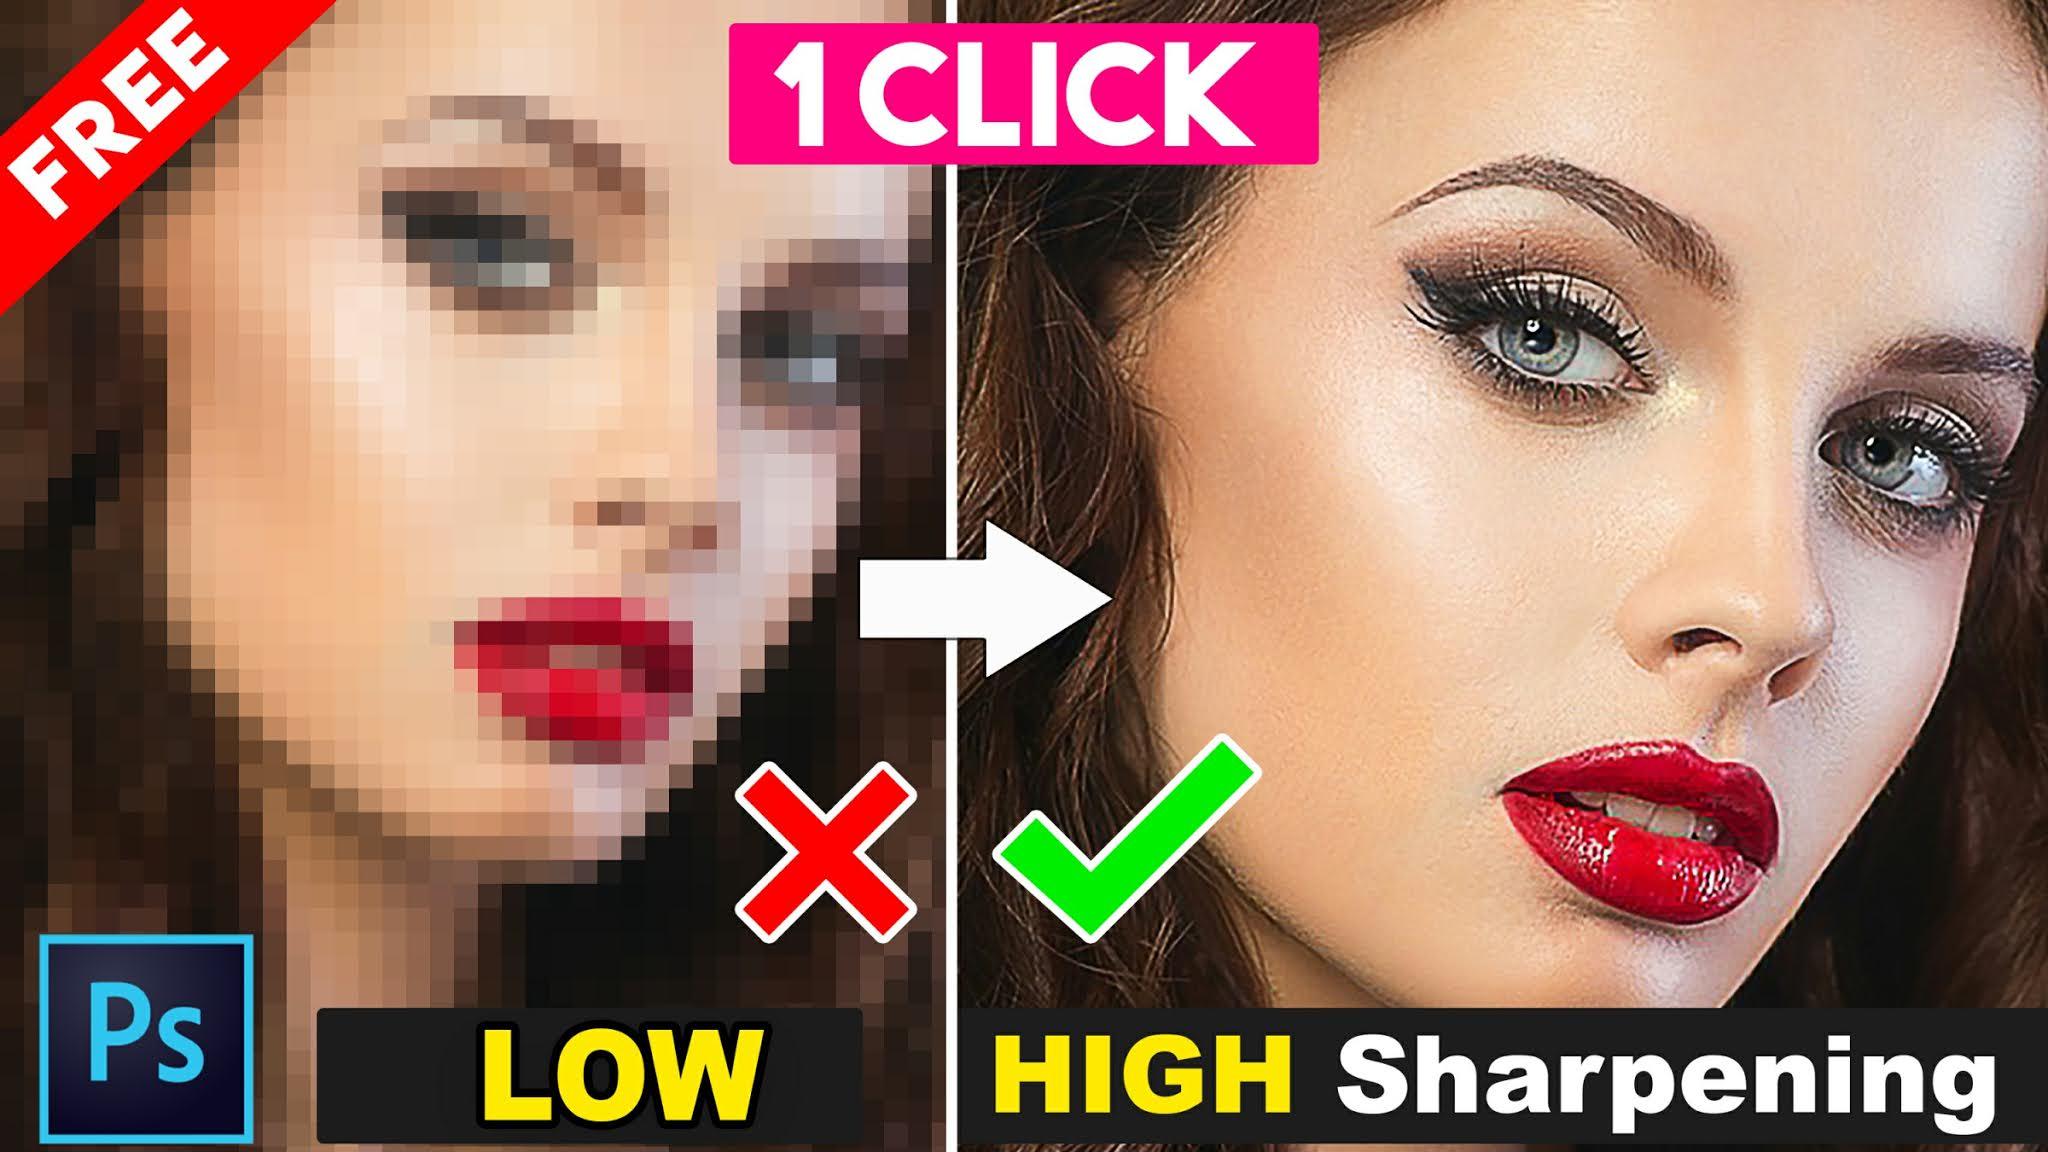 depixelate image sharpening